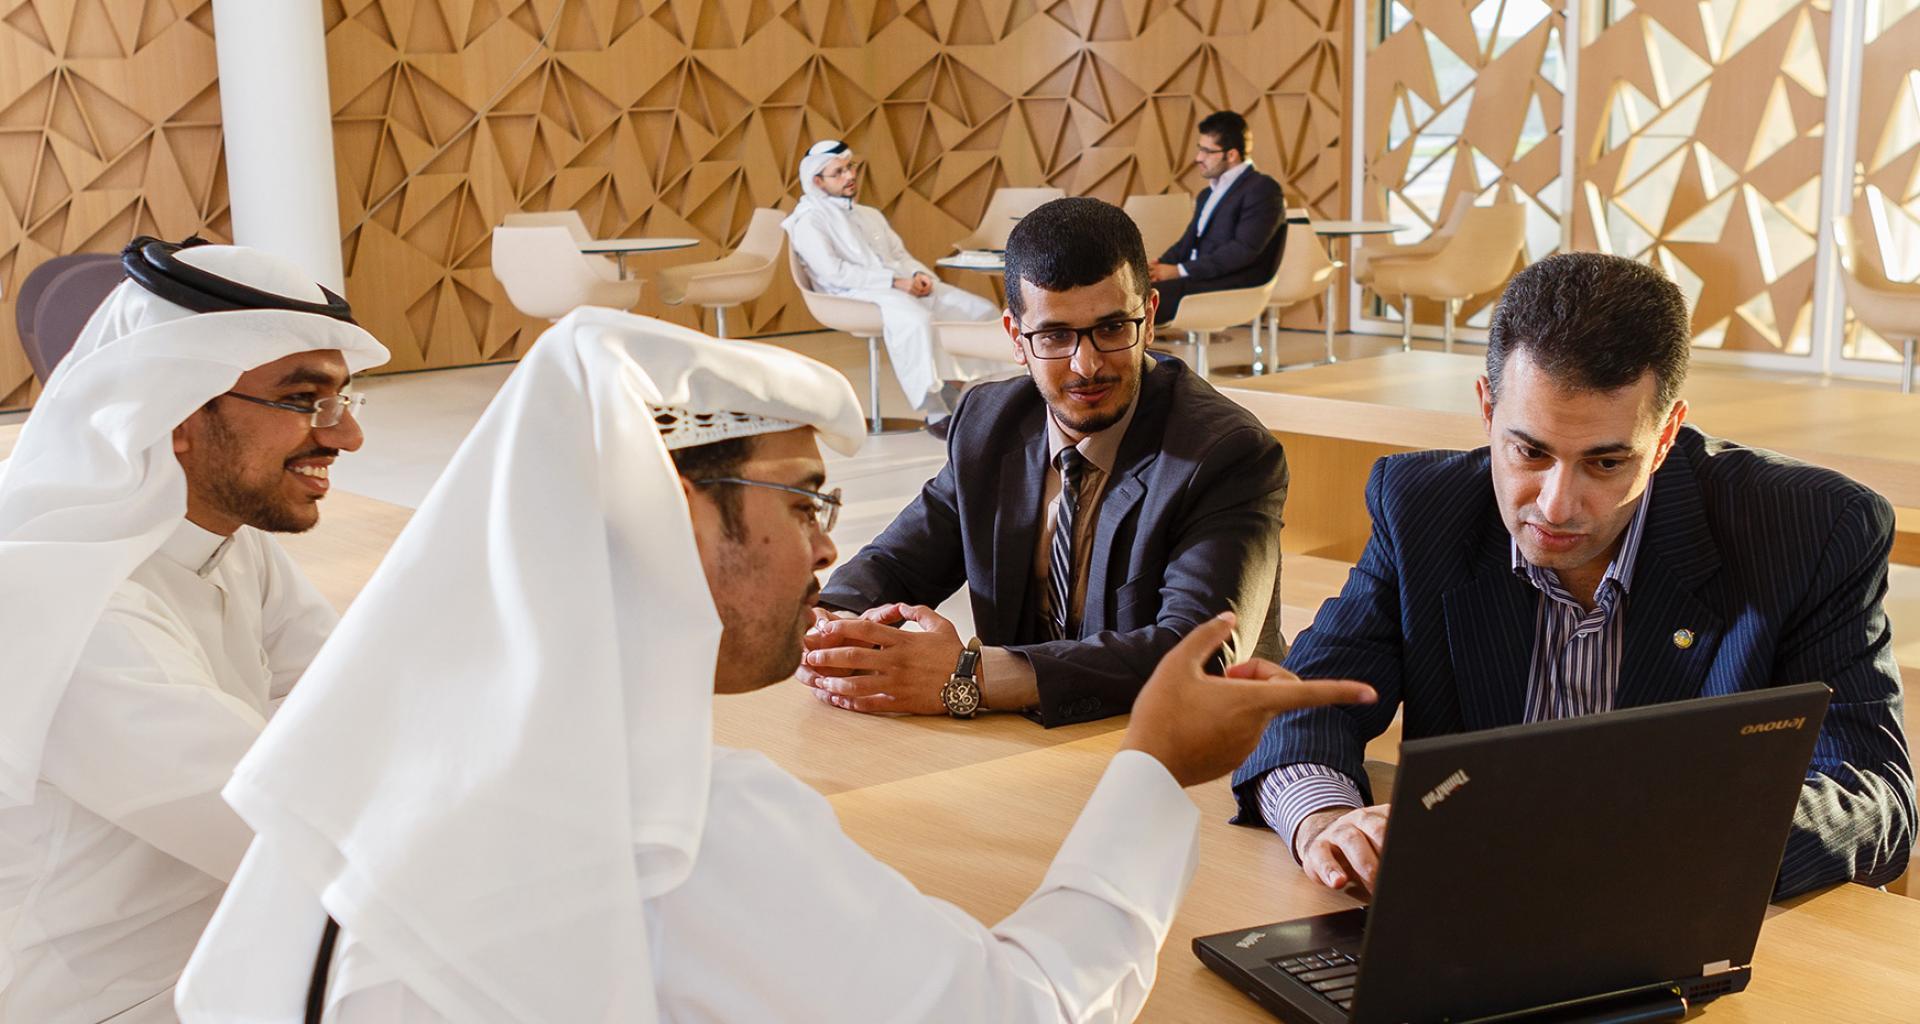 الحياة في جامعة حمد بن خليفة